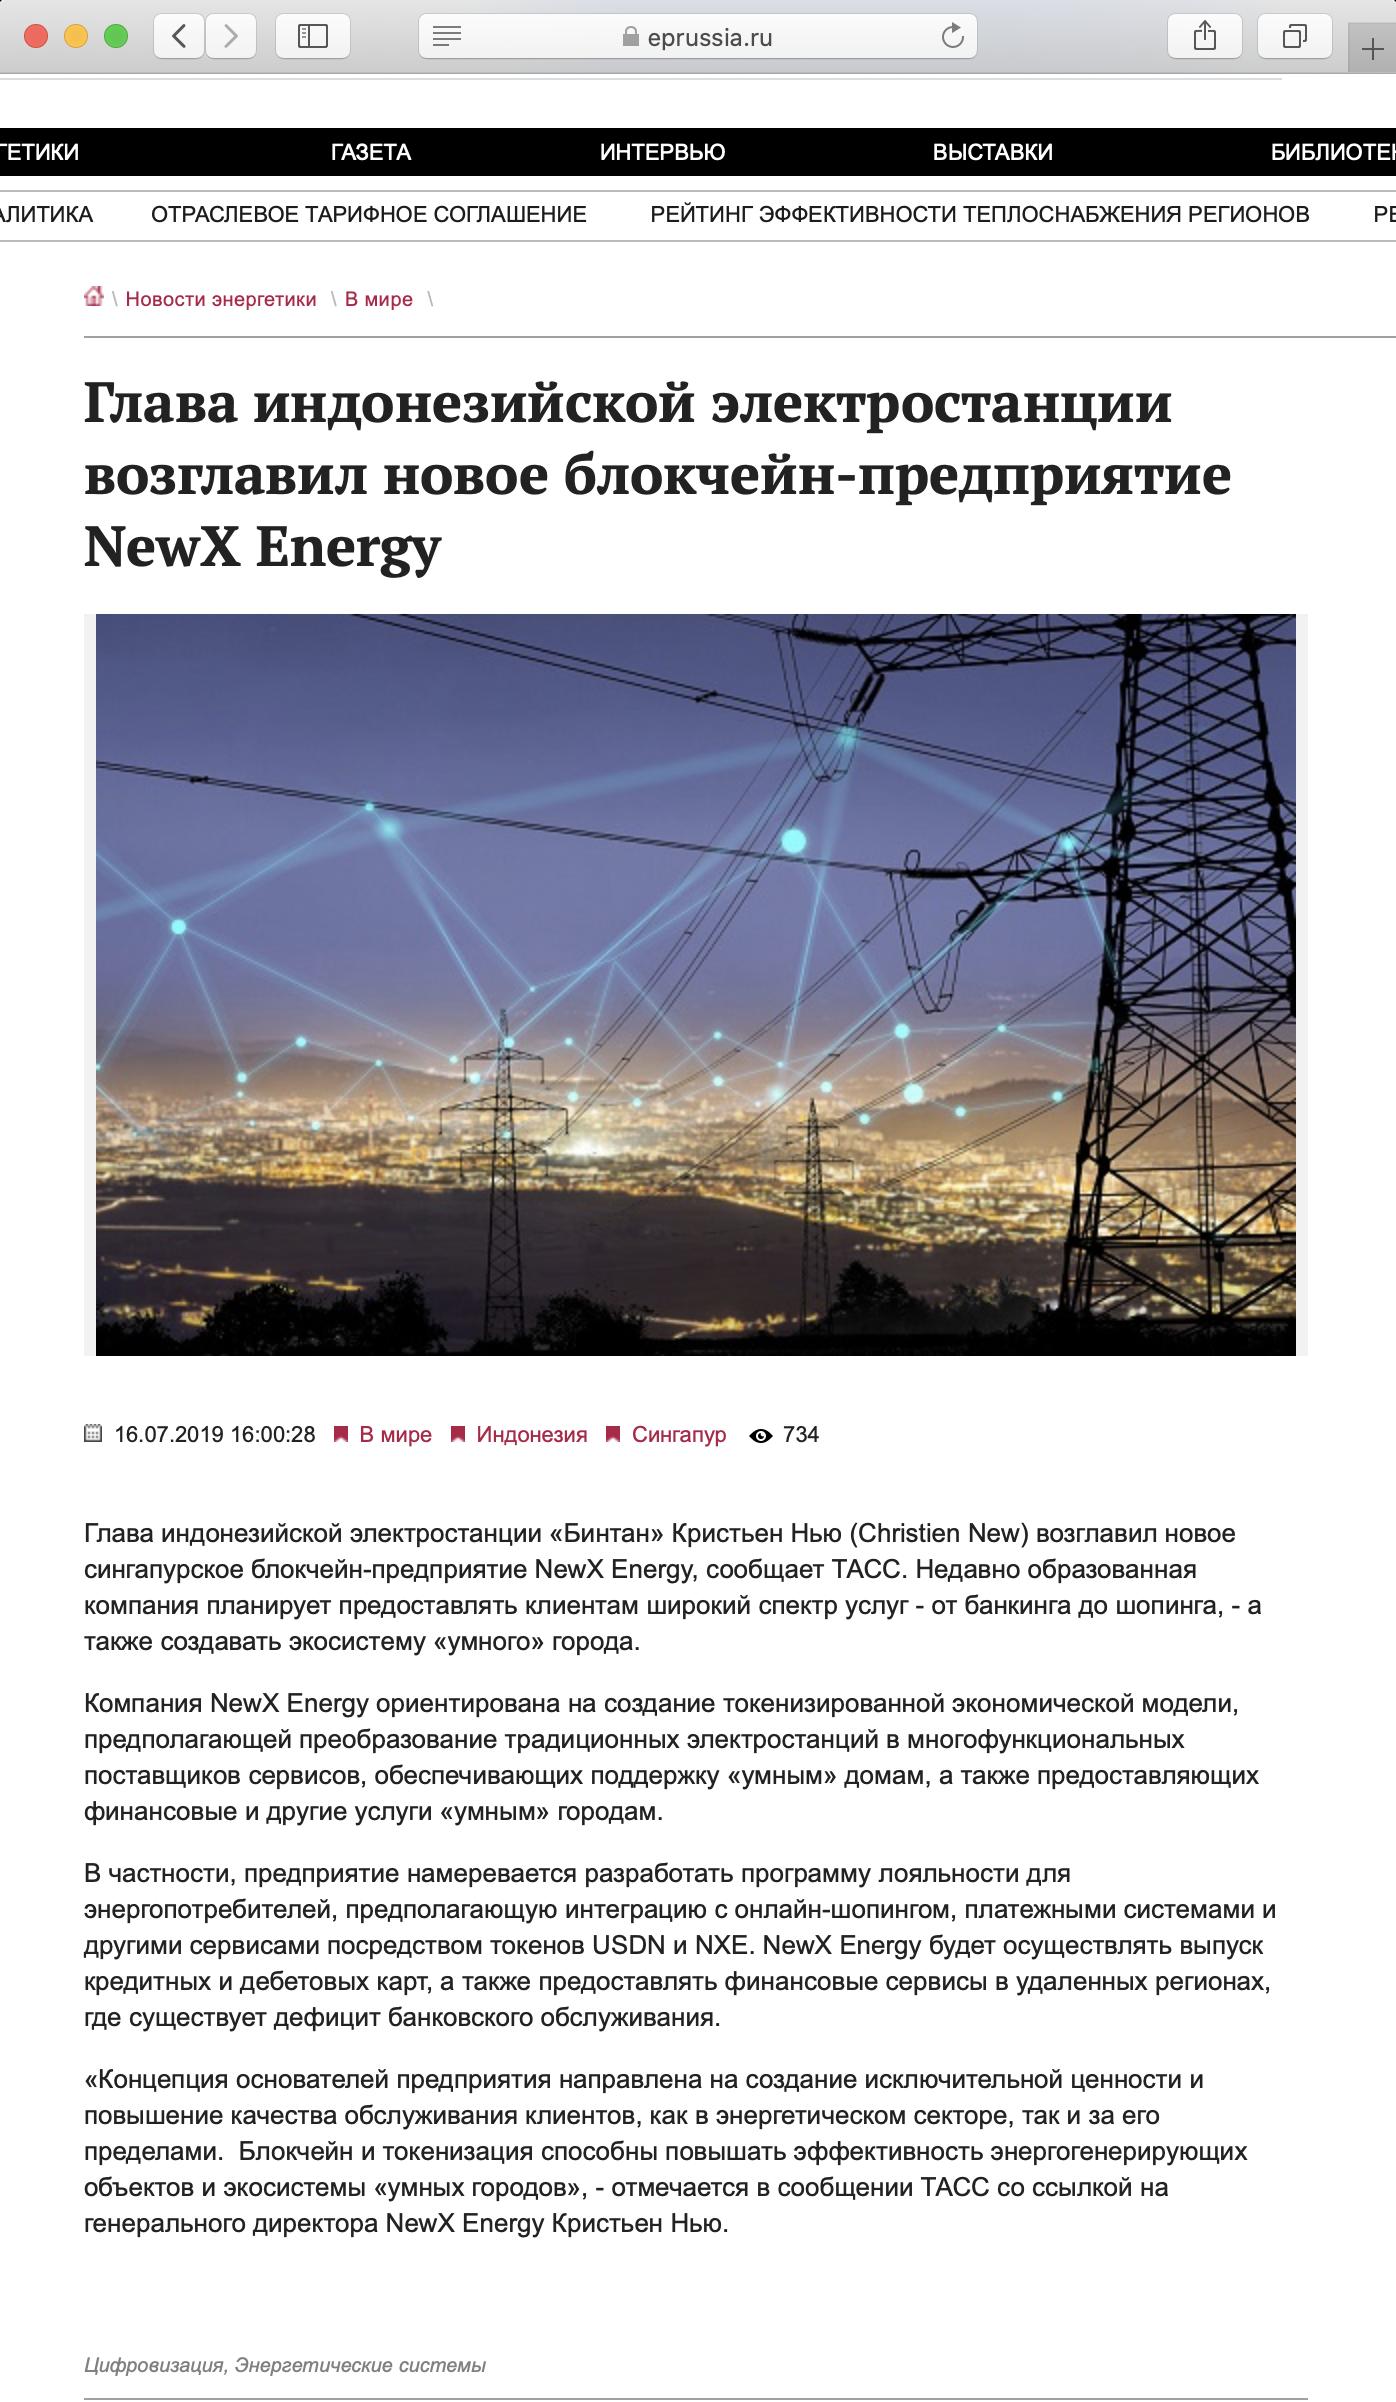 Russian News – Глава индонезийской электростанции возглавил новое блокчейн-предприятие NewX Energy